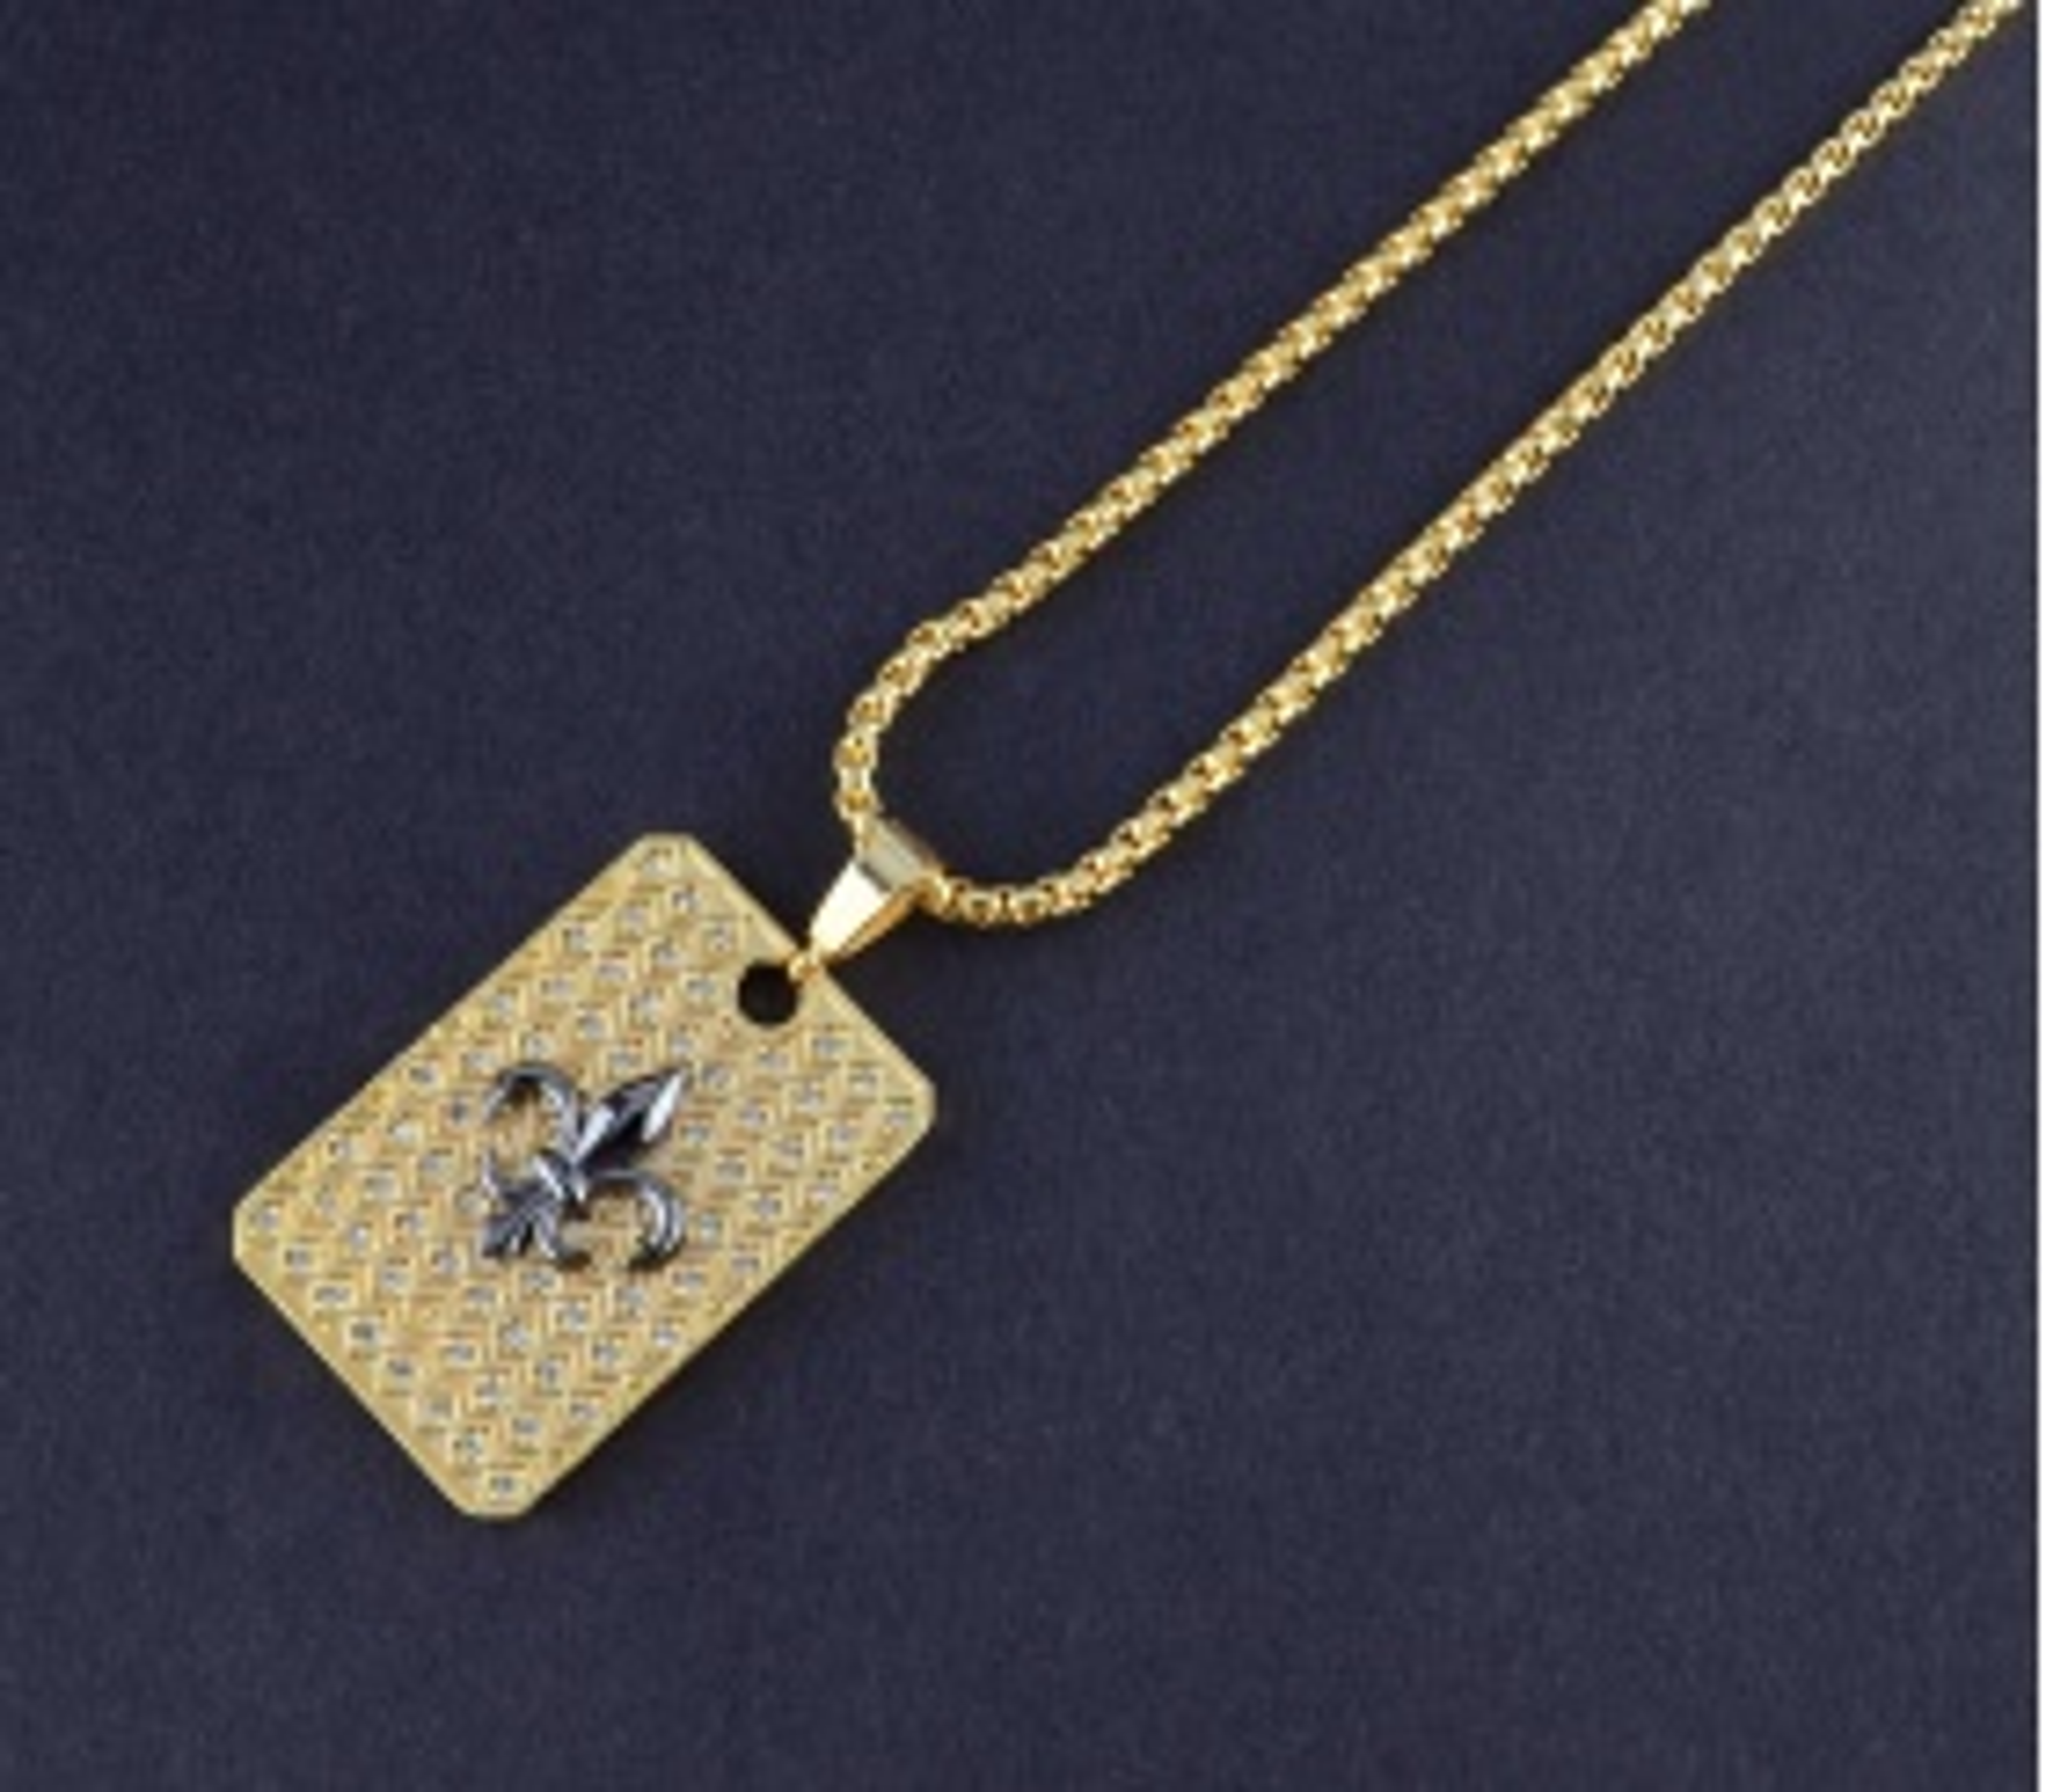 ZCN Fleur De Lis Gold Necklace - ZCN0002